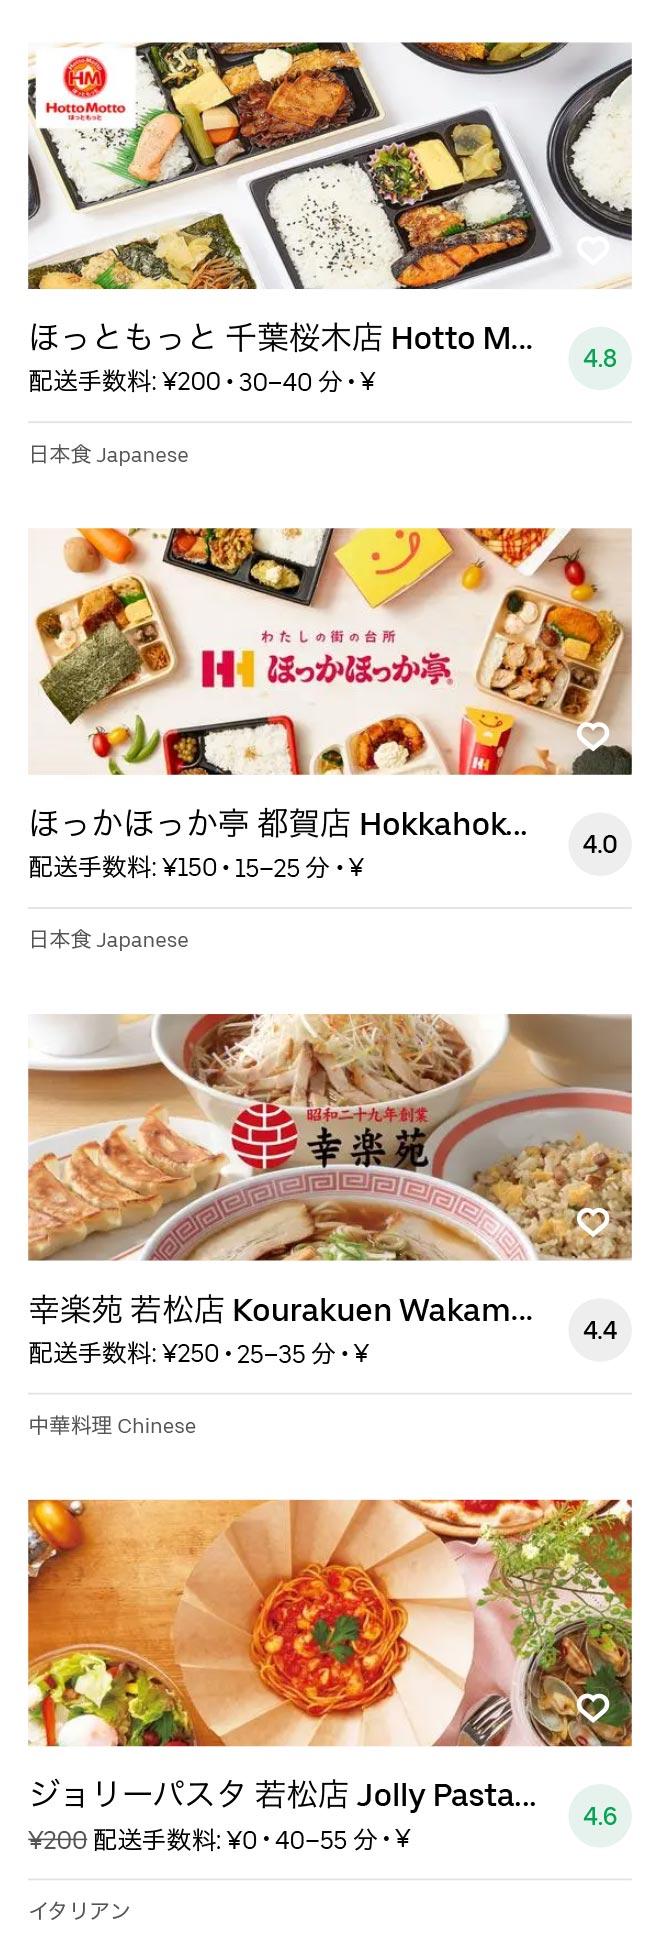 Tsuga menu 2010 04